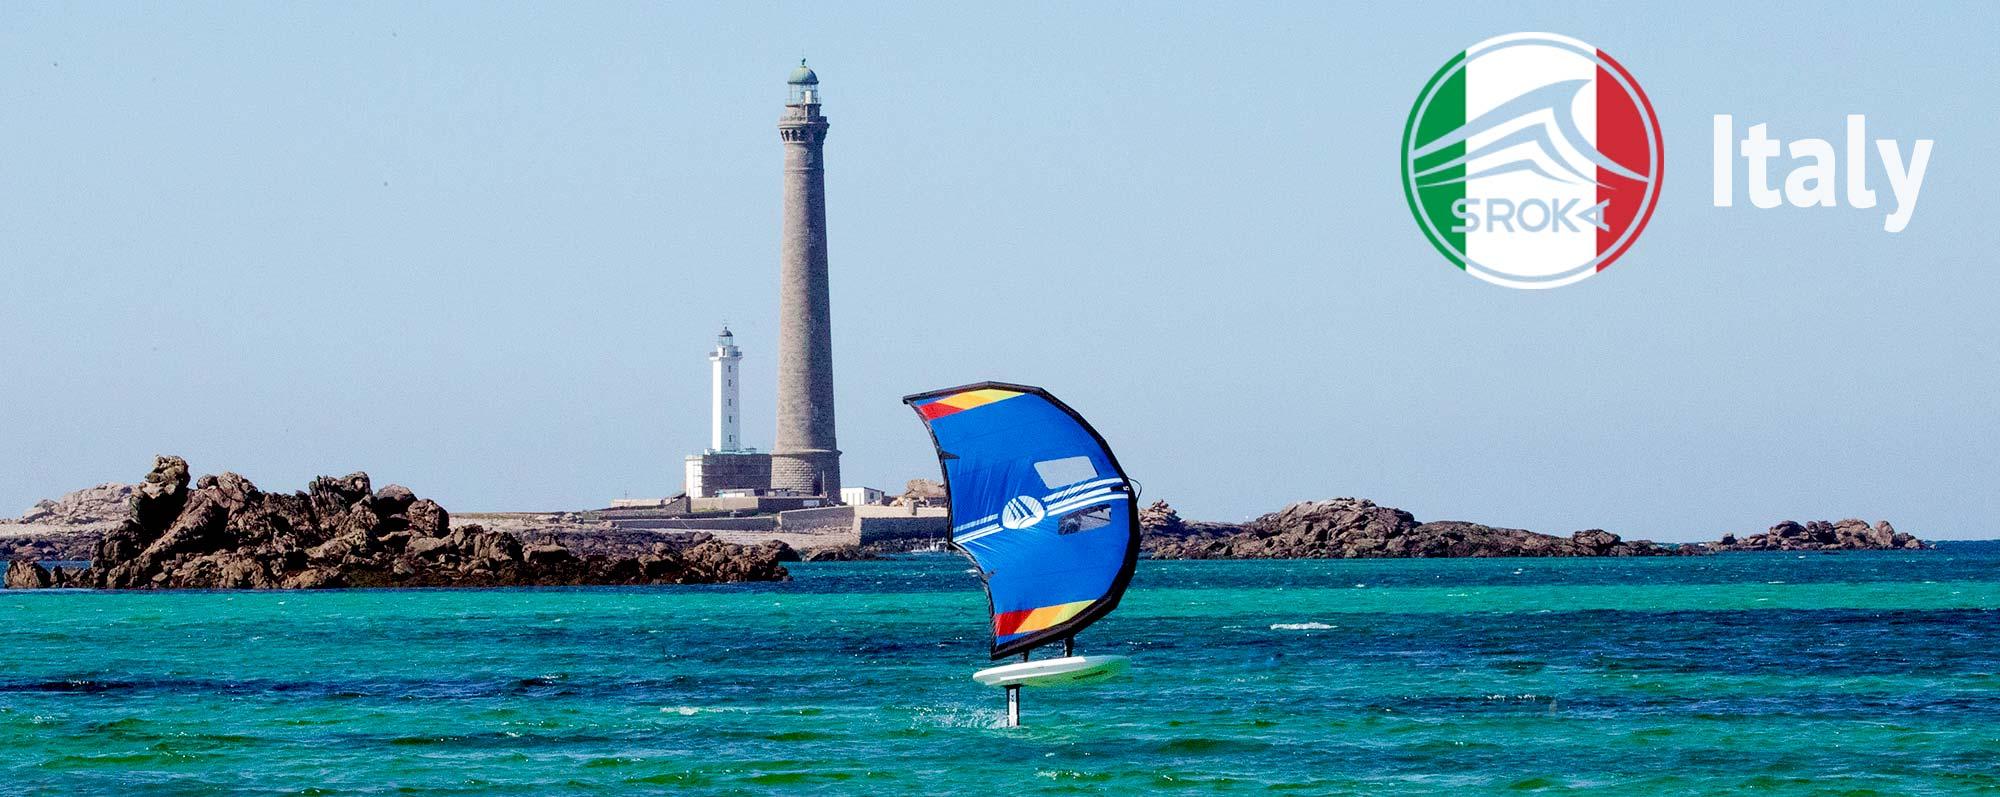 Kaufen Sie ein Wing Foil in Italien, ein Surf Foil, ein SUP Foil, ein Kite Foil, ein Wind Foil oder ein Stand-Up Paddle.